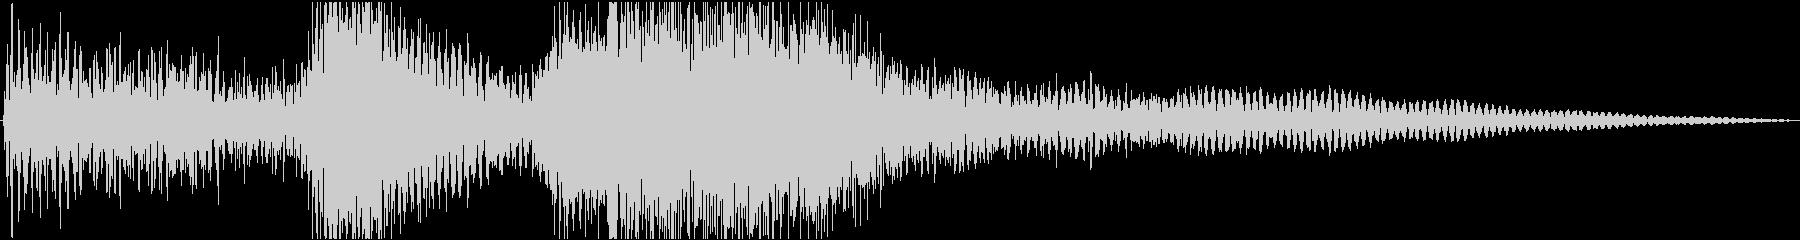 軽く短めのシンフォニー系ファンファーレの未再生の波形